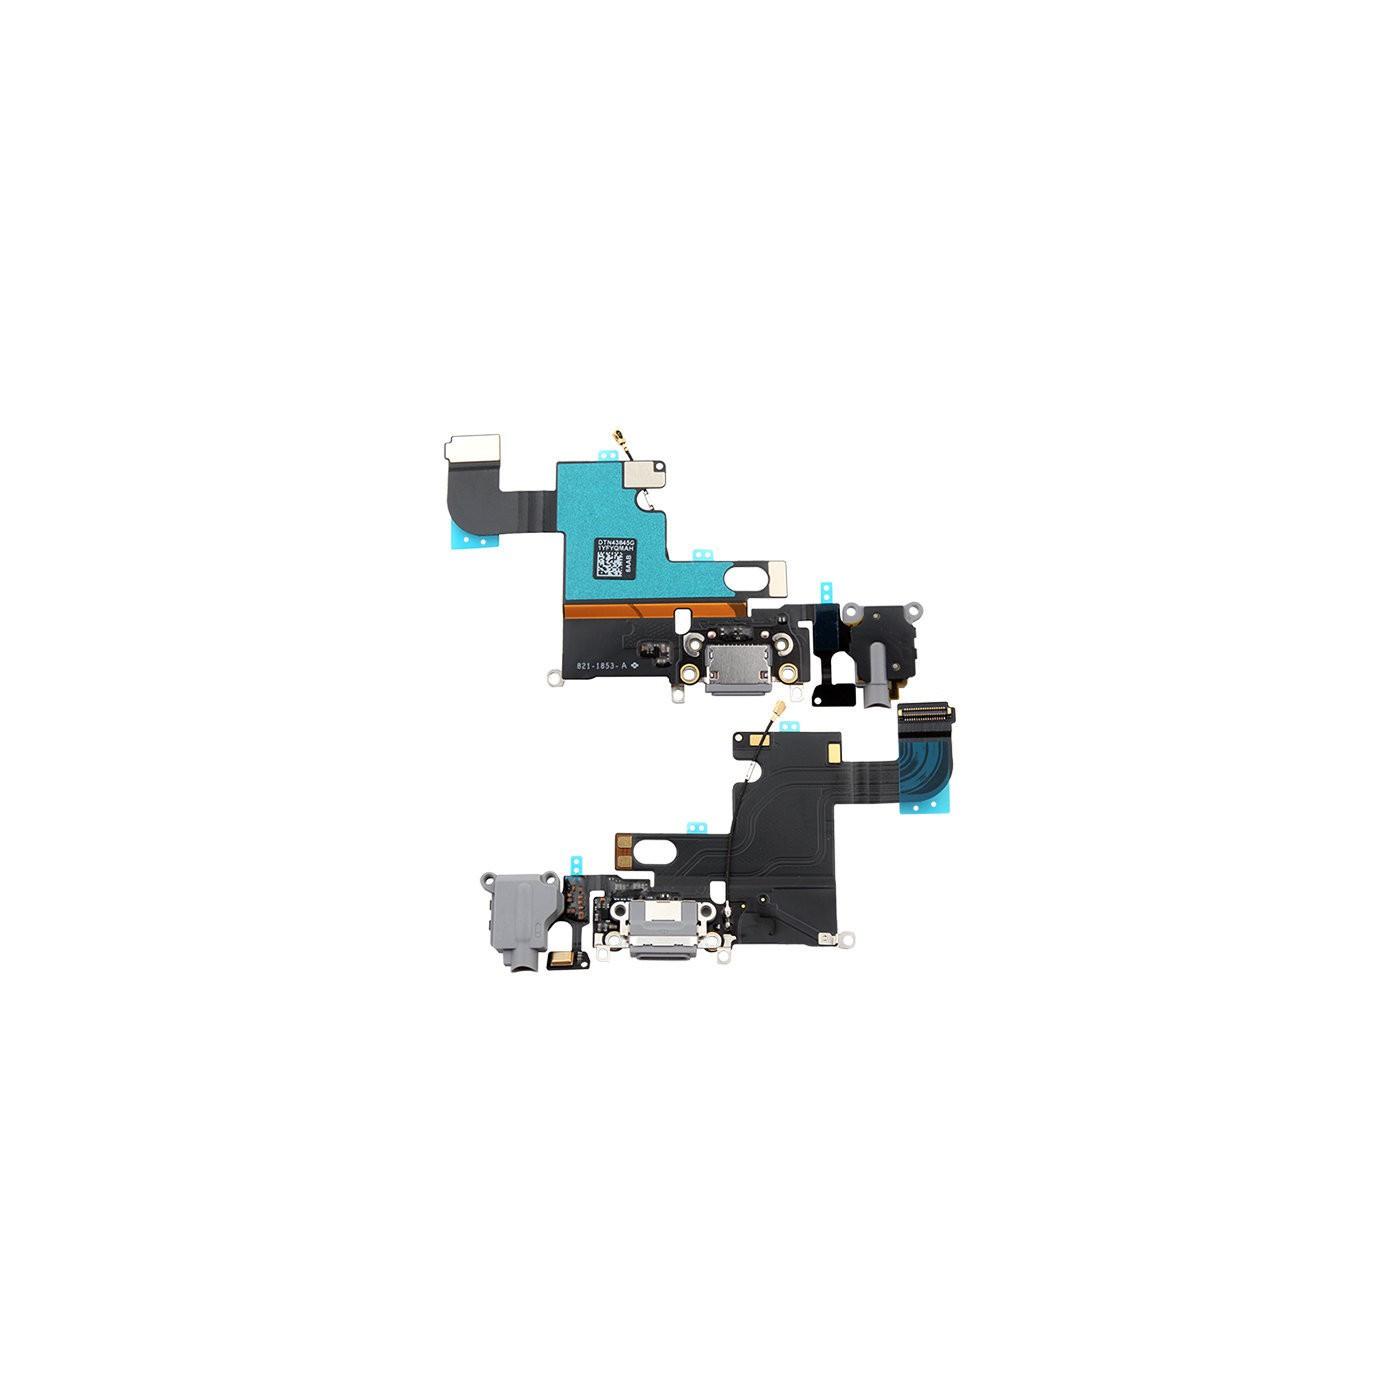 Conector de carga plana y flexible para micrófono de puerto de audio gris iphone 6